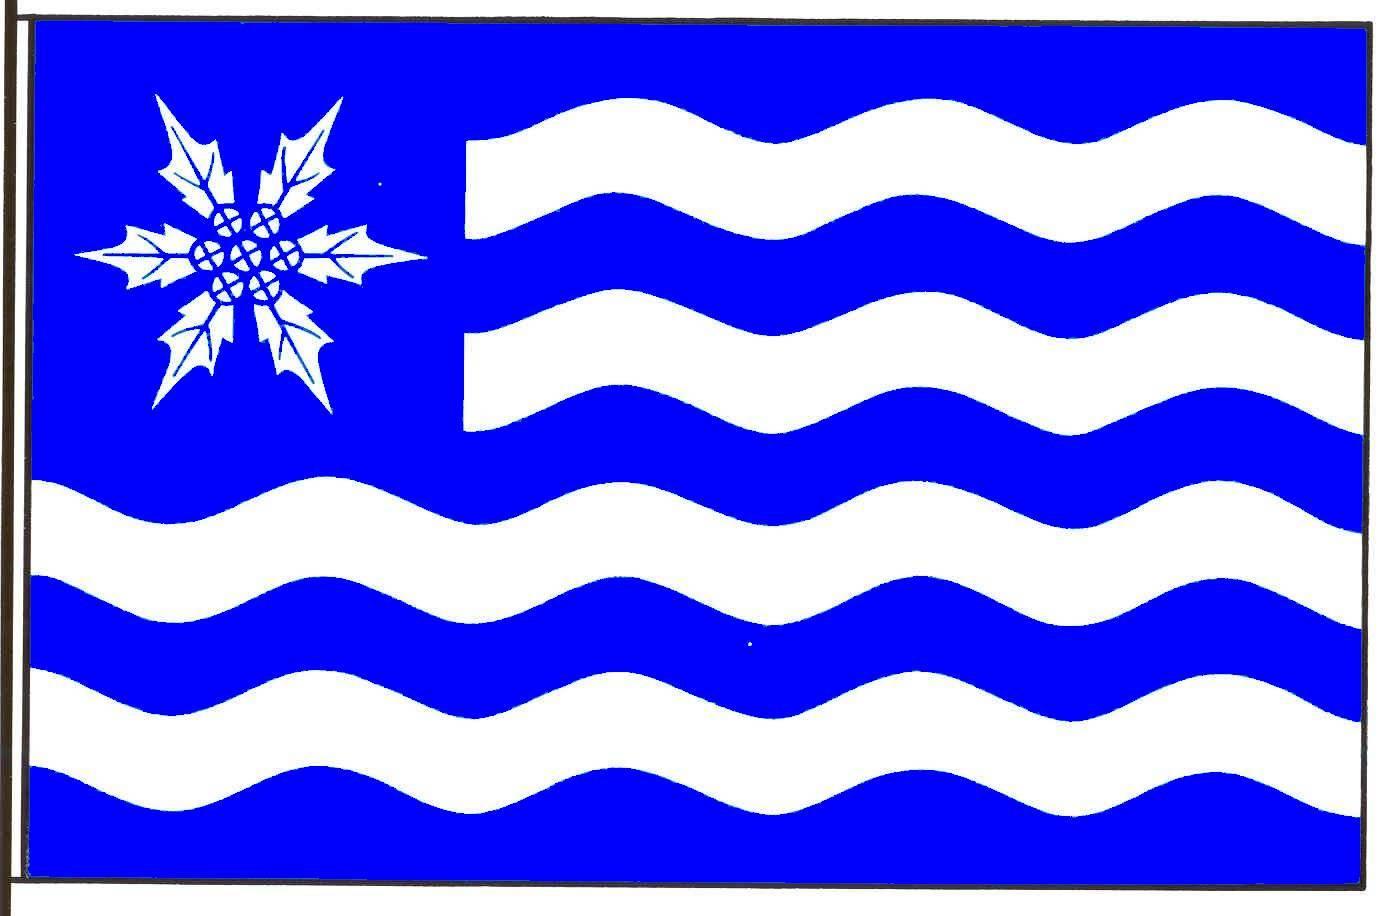 Flagge GemeindeKampen, Kreis Nordfriesland